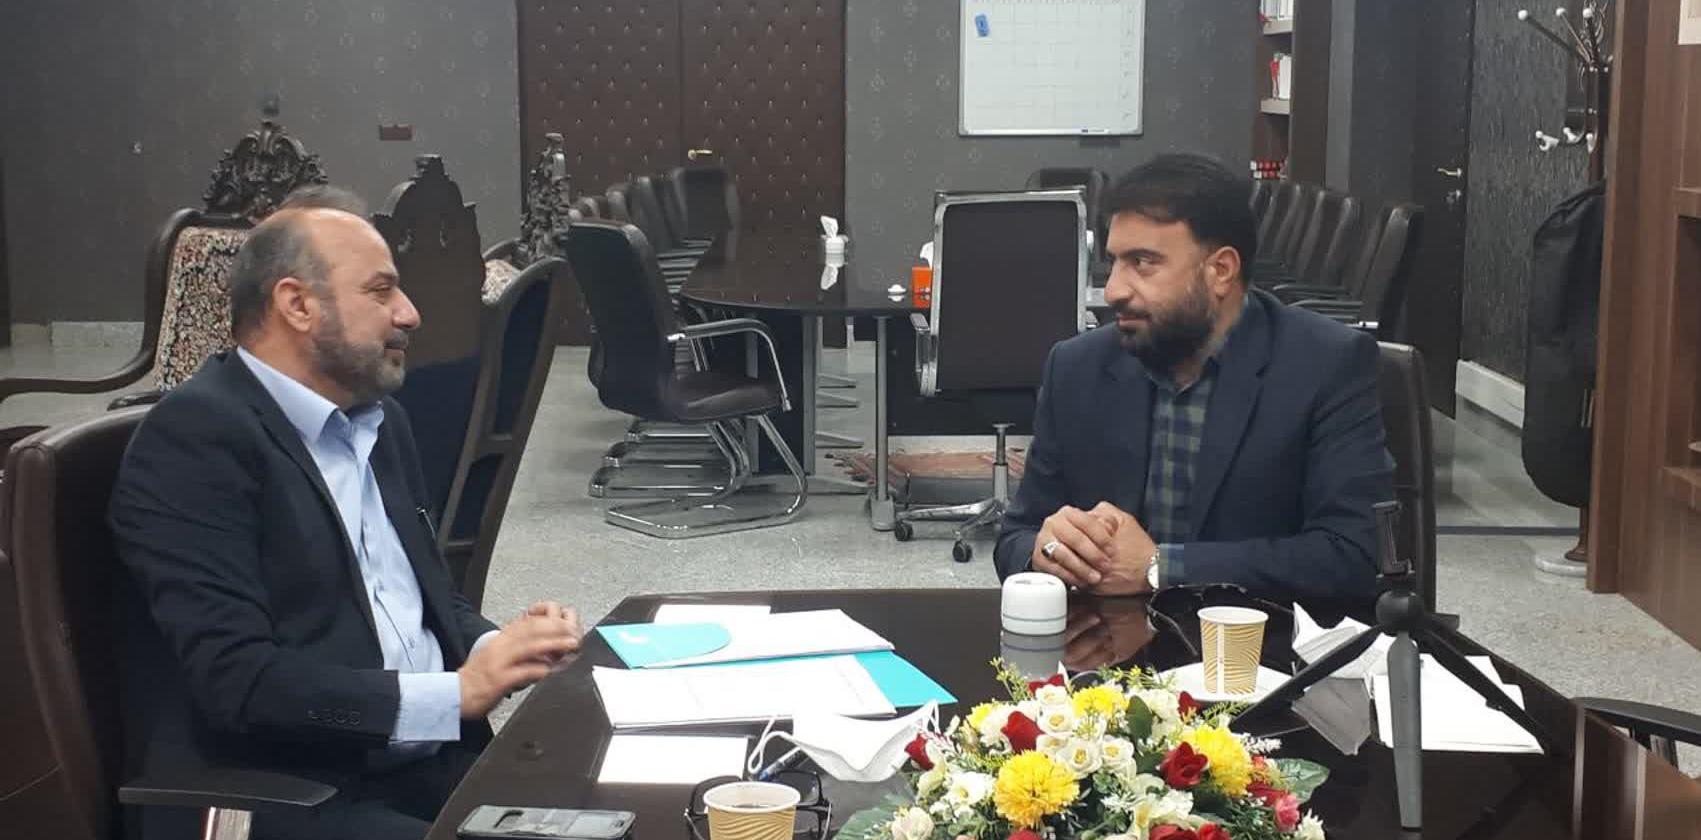 مدیر بانک تجارت استان زنجان درباره کارخانه چرم مصنوعی زنجان توضیح می دهد